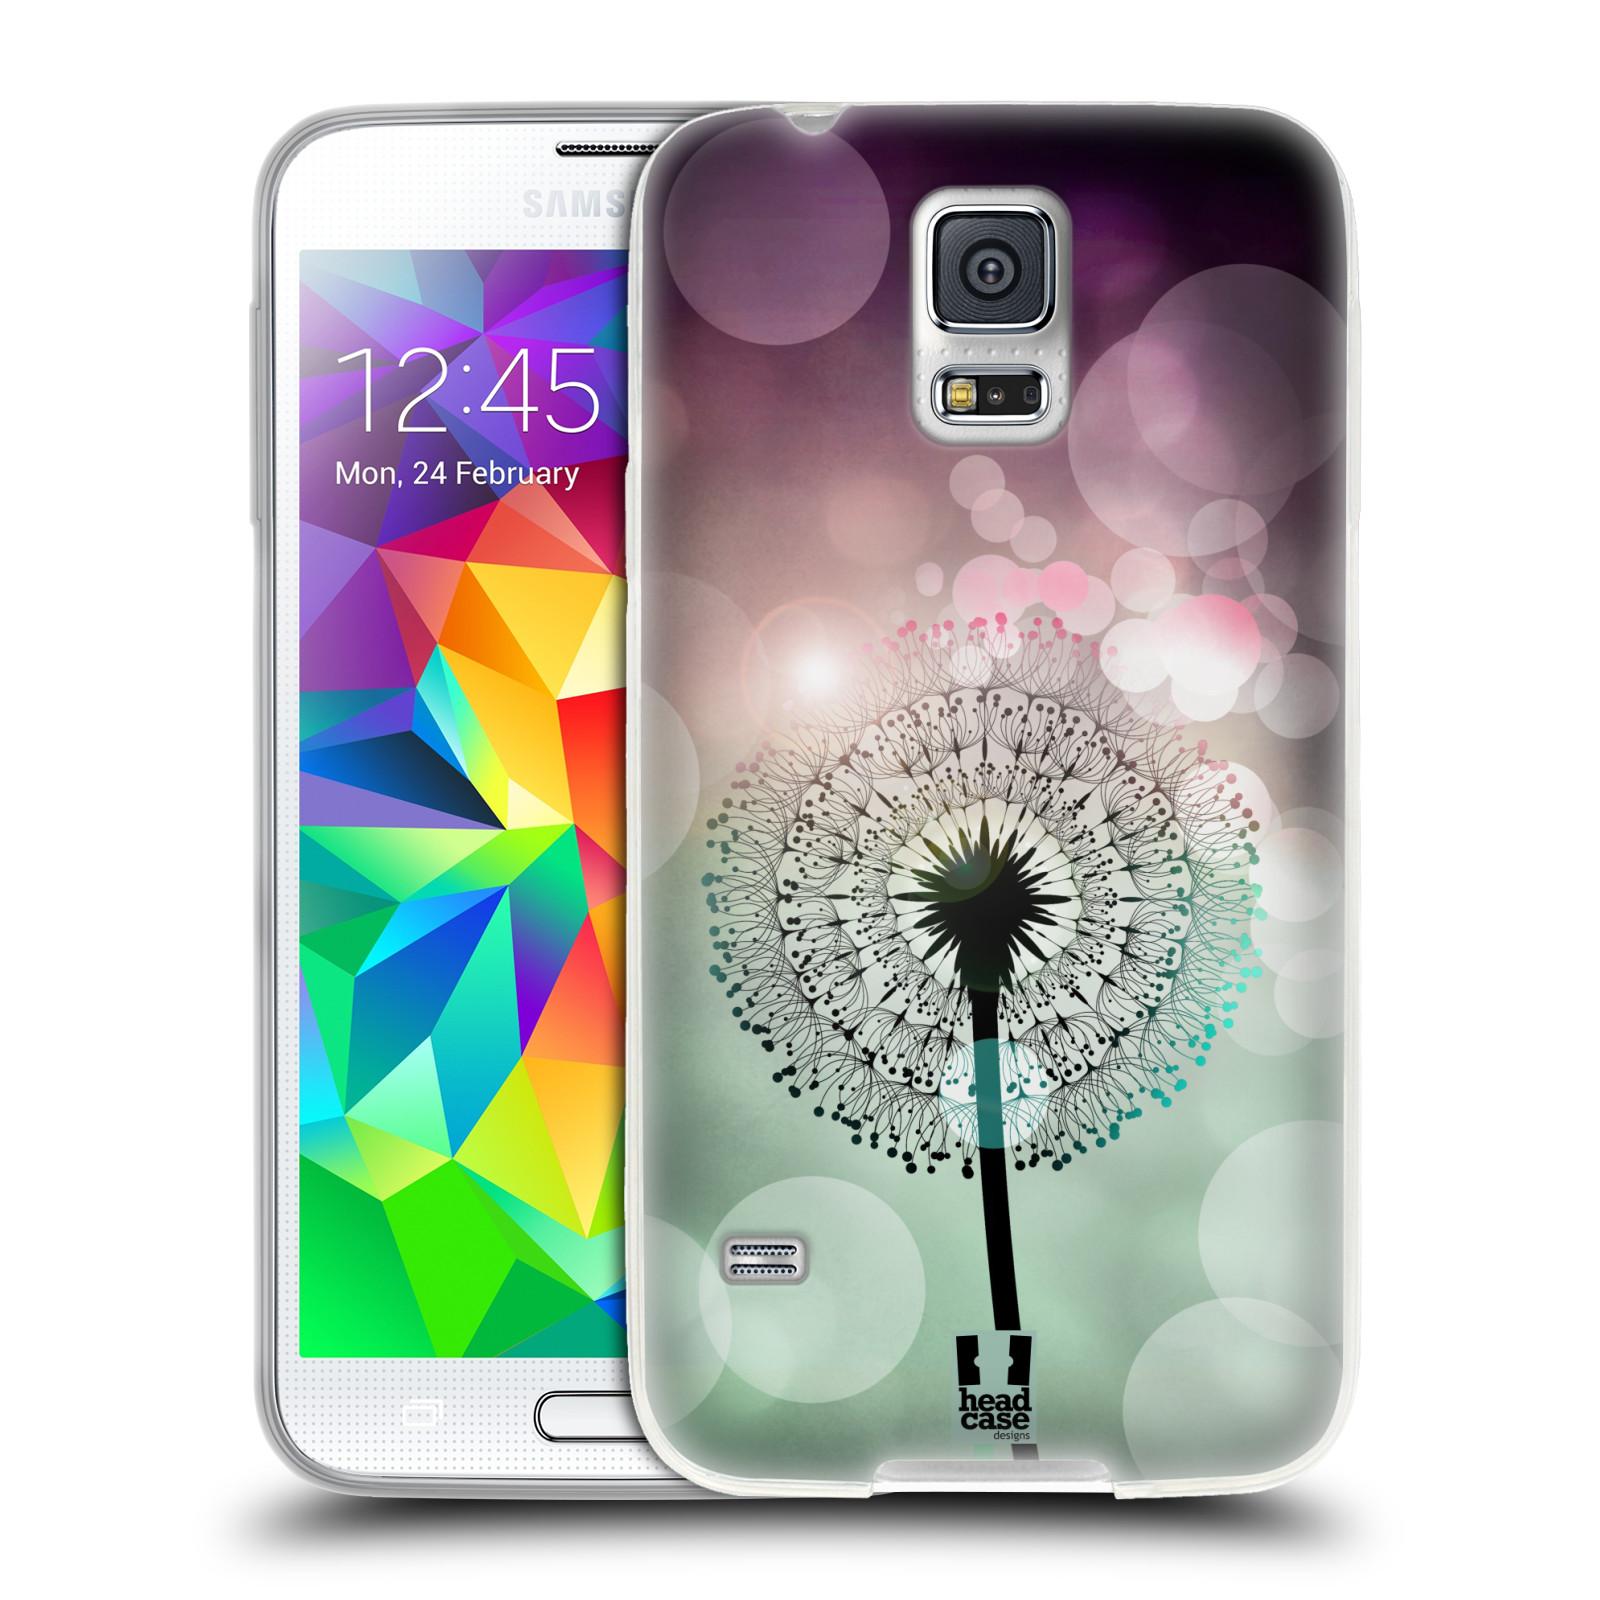 Silikonové pouzdro na mobil Samsung Galaxy S5 HEAD CASE Pampeliškové odlesky (Silikonový kryt či obal na mobilní telefon Samsung Galaxy S5 SM-G900F)